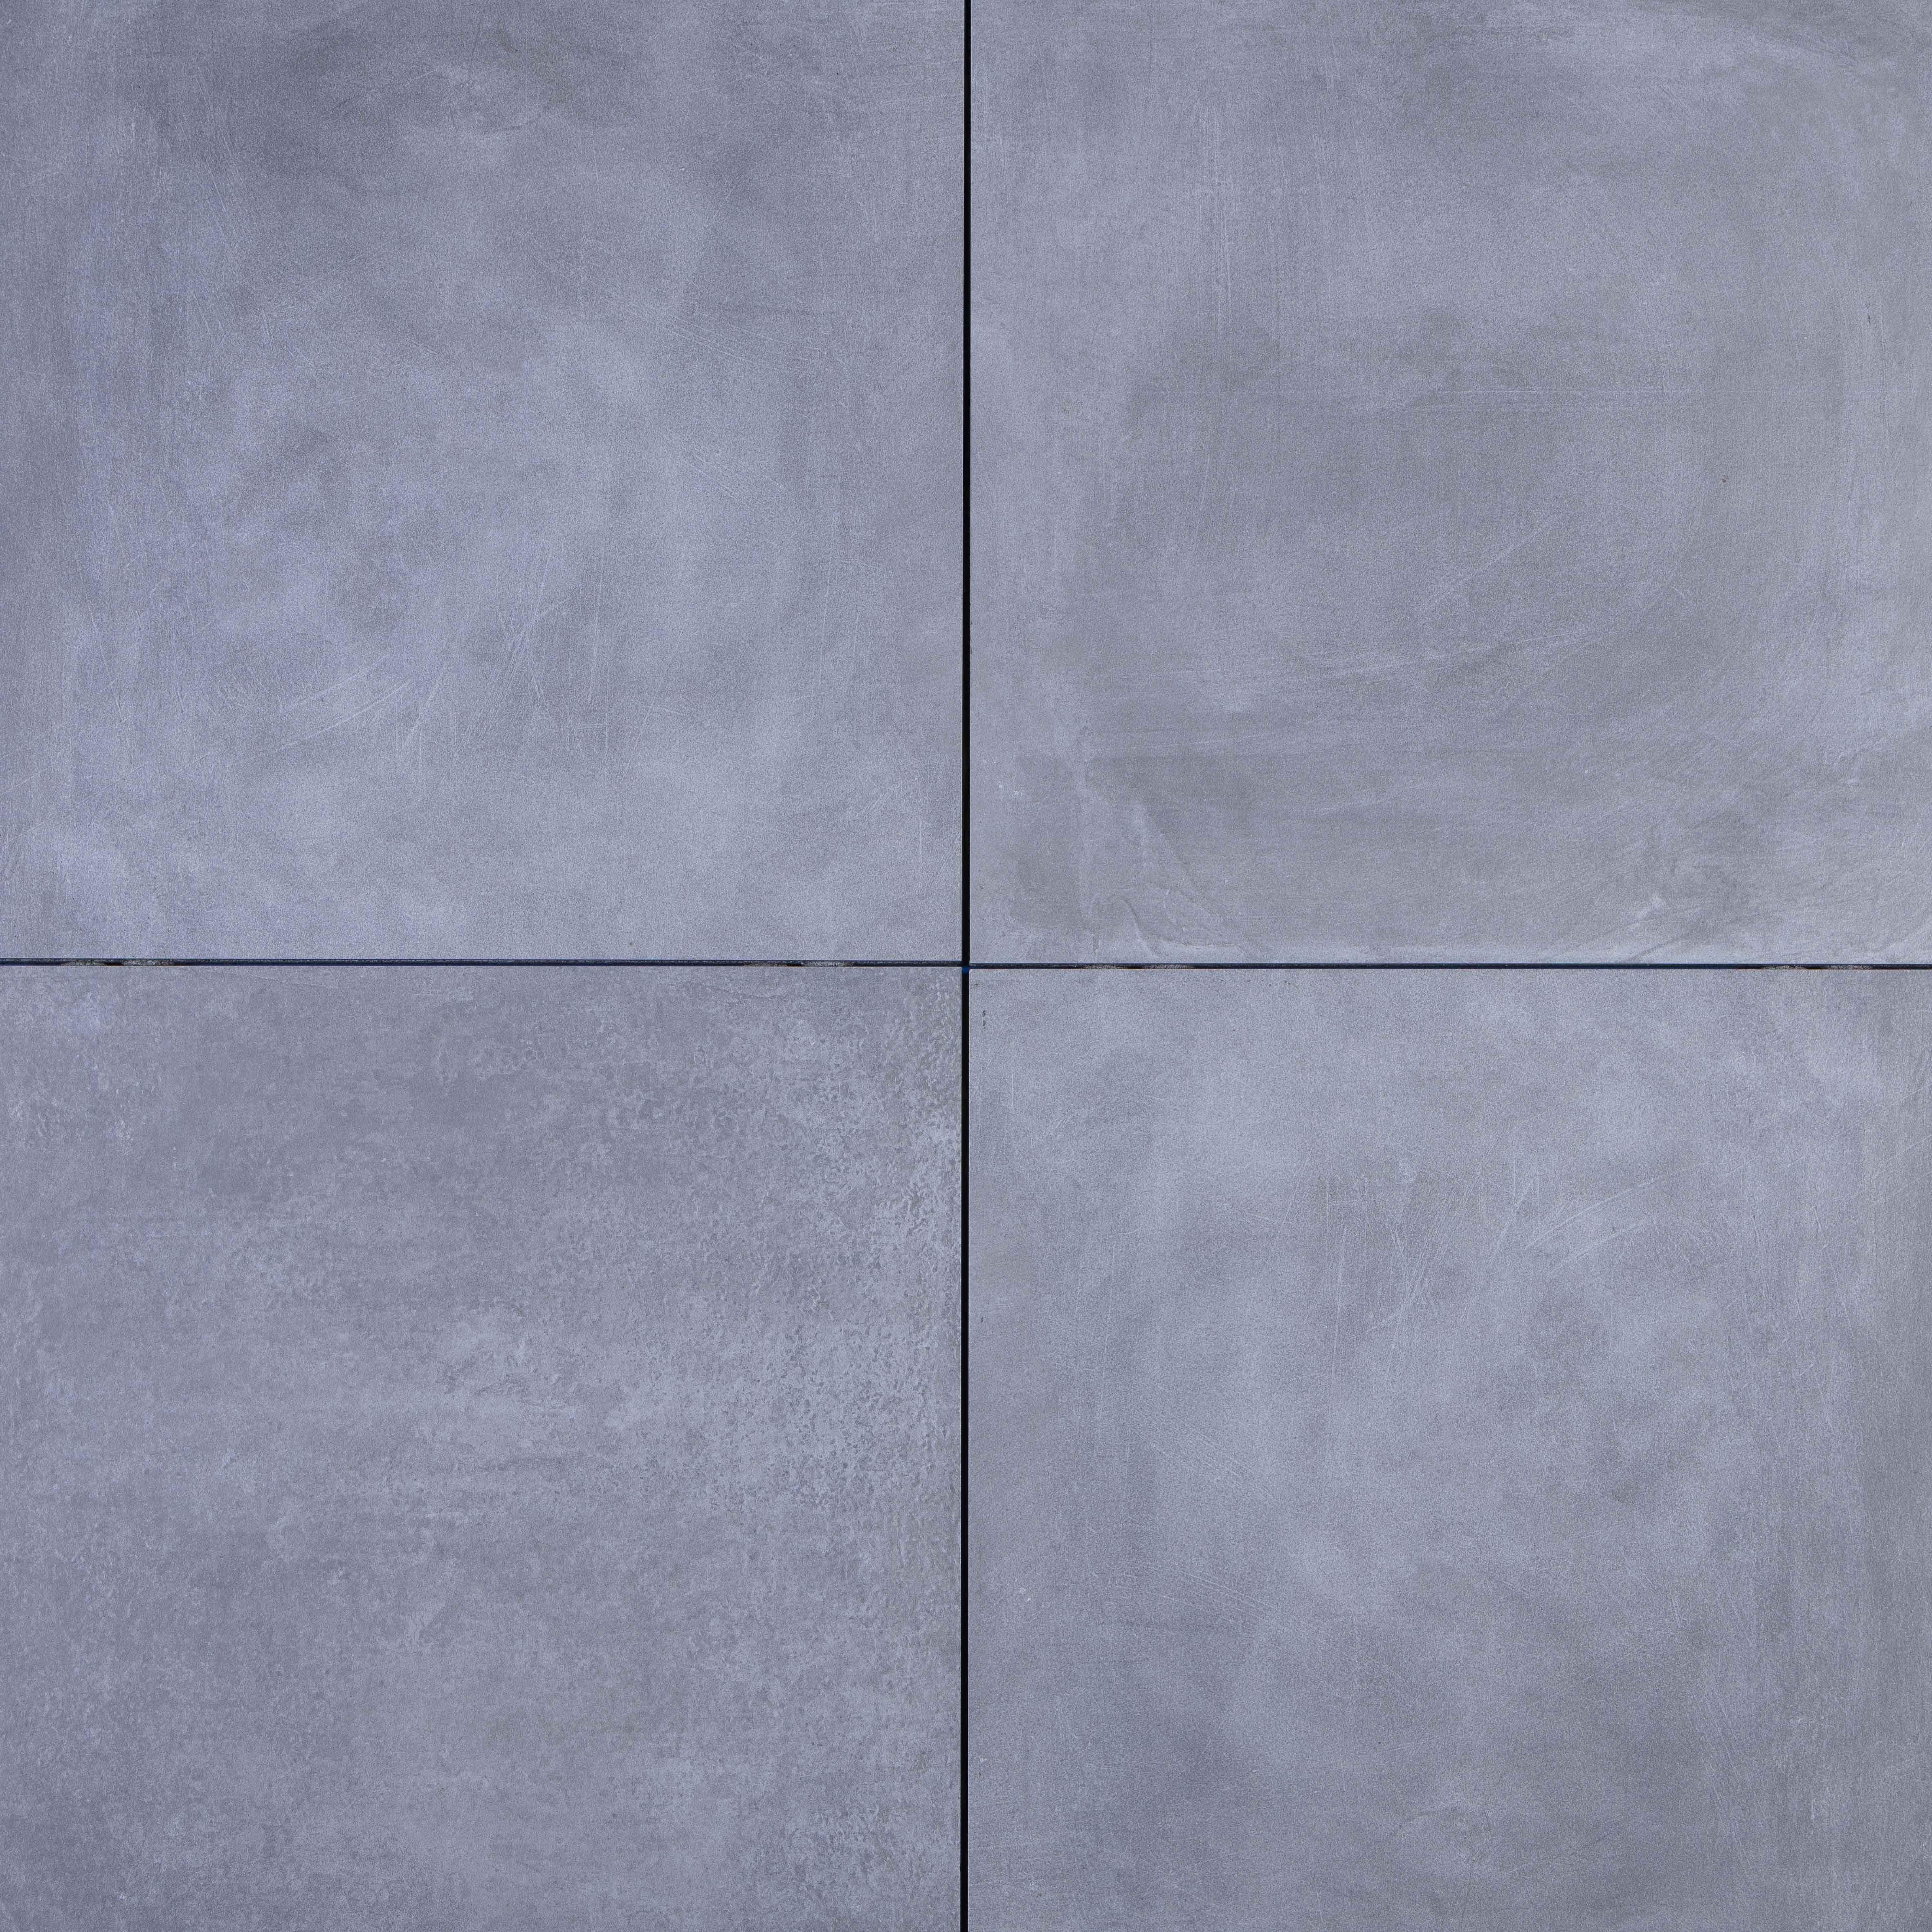 Keramische Tegels 80x80 Prijzen.Keramische Tegel Geoceramica Fumato Mezzo Rook Grijs 80x80 Dikte 4 Cm